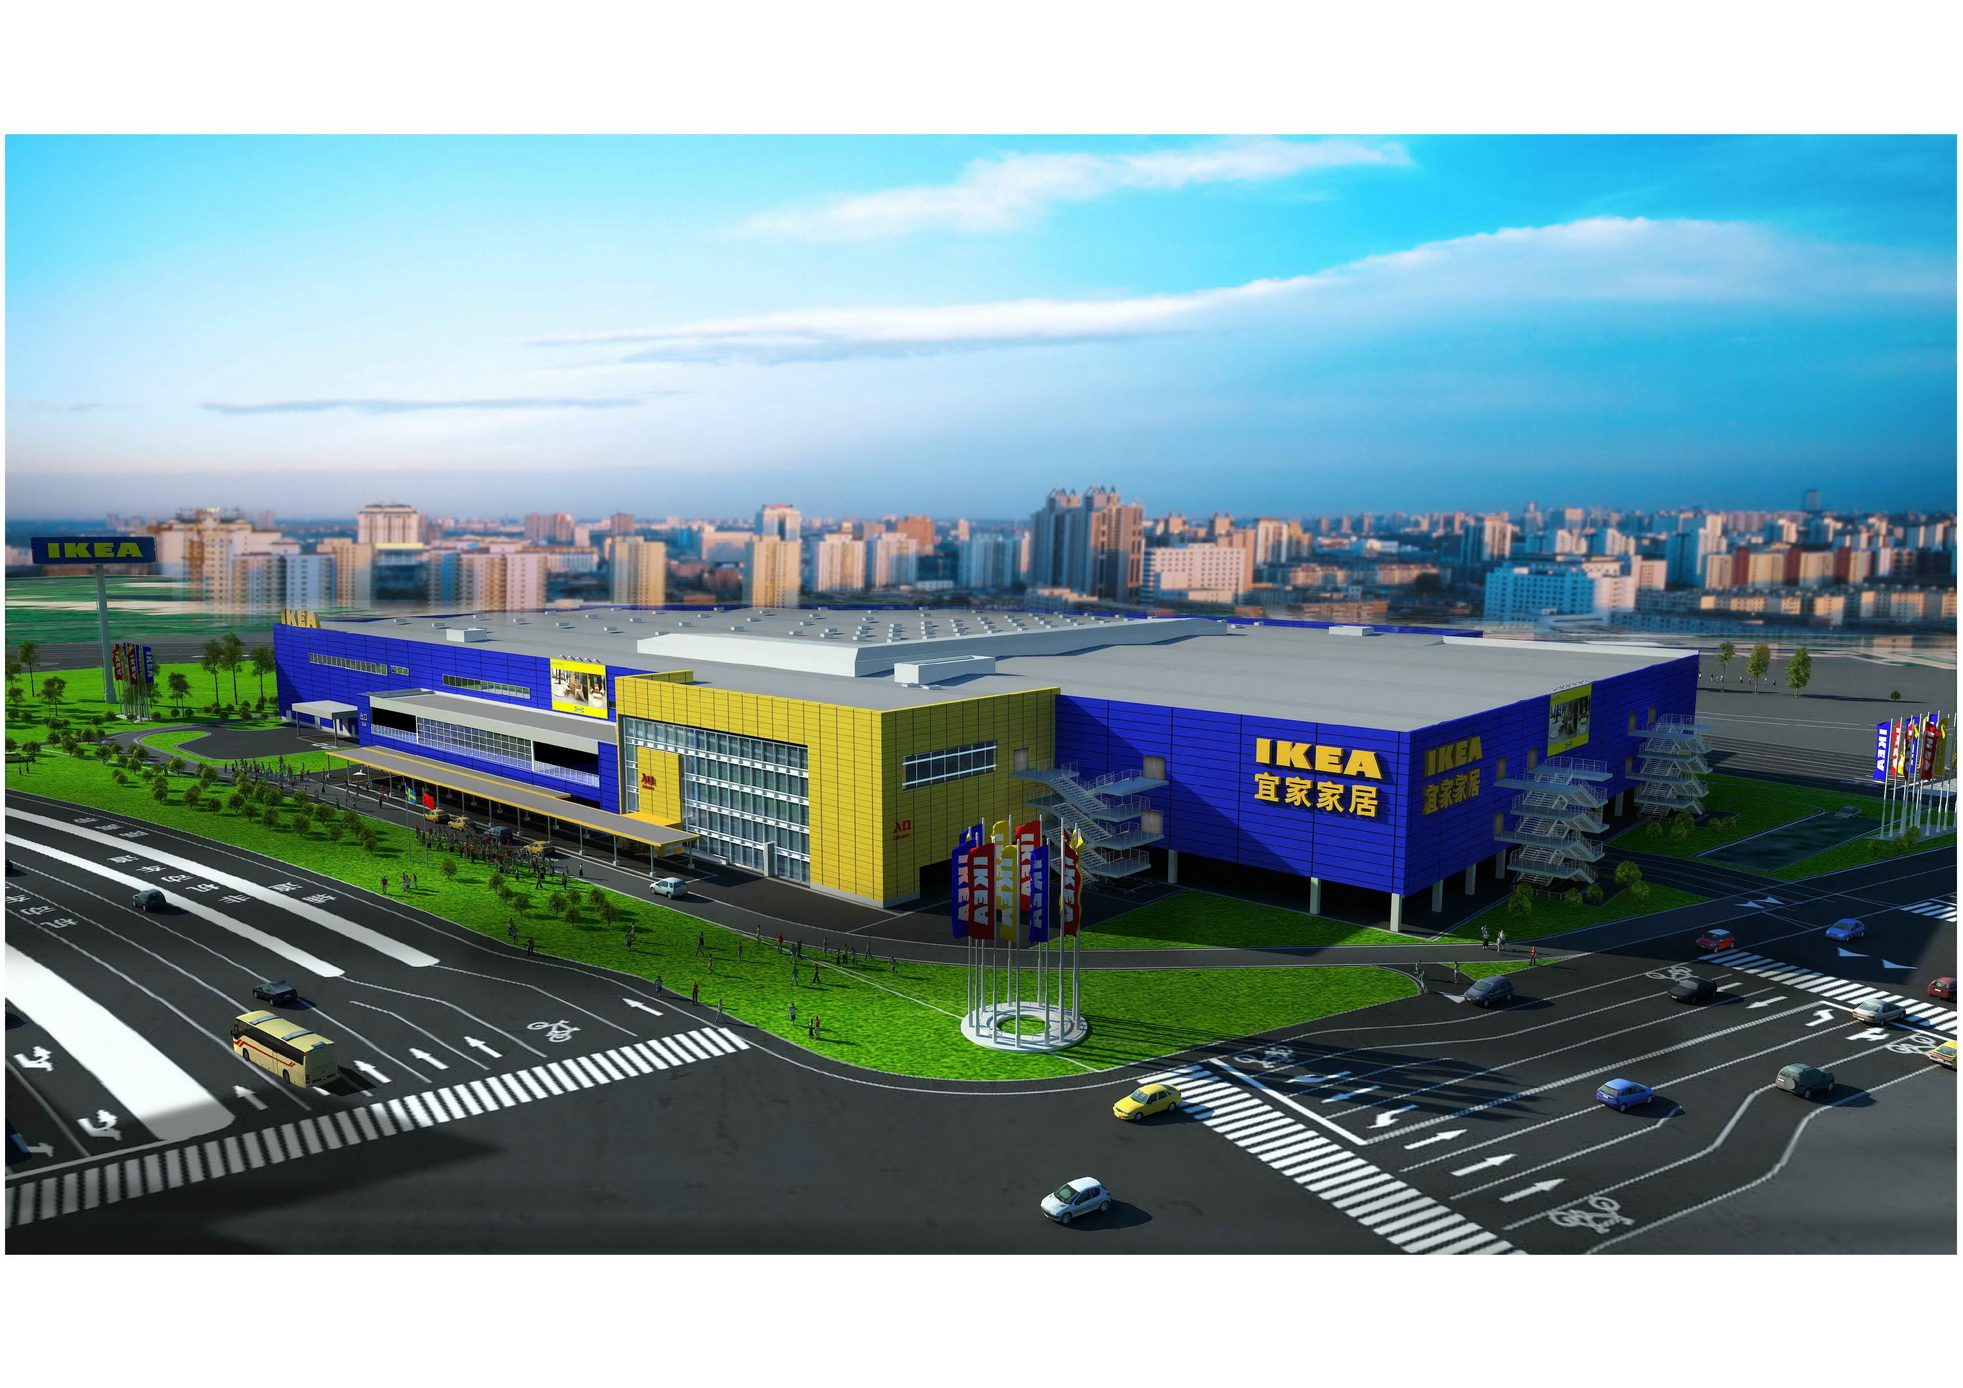 杭州宜家家居商场项目_主营业务_工程设计_仓储物流